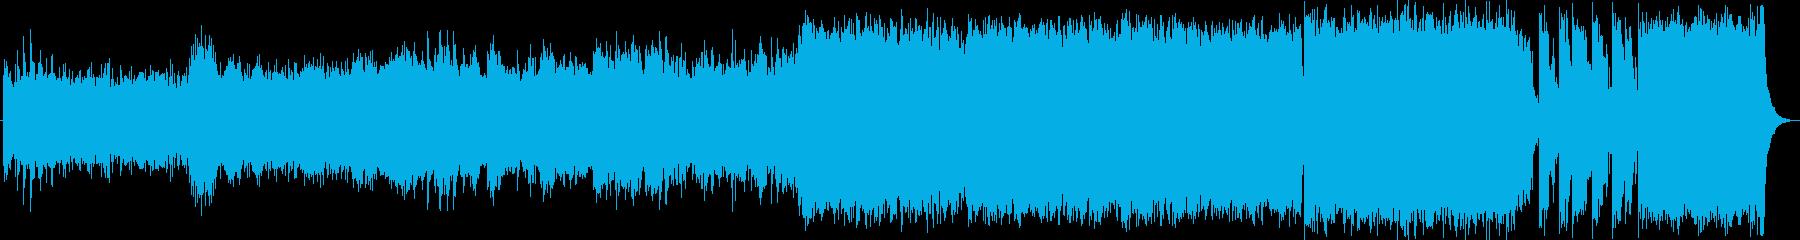 重厚でダークな雰囲気の再生済みの波形